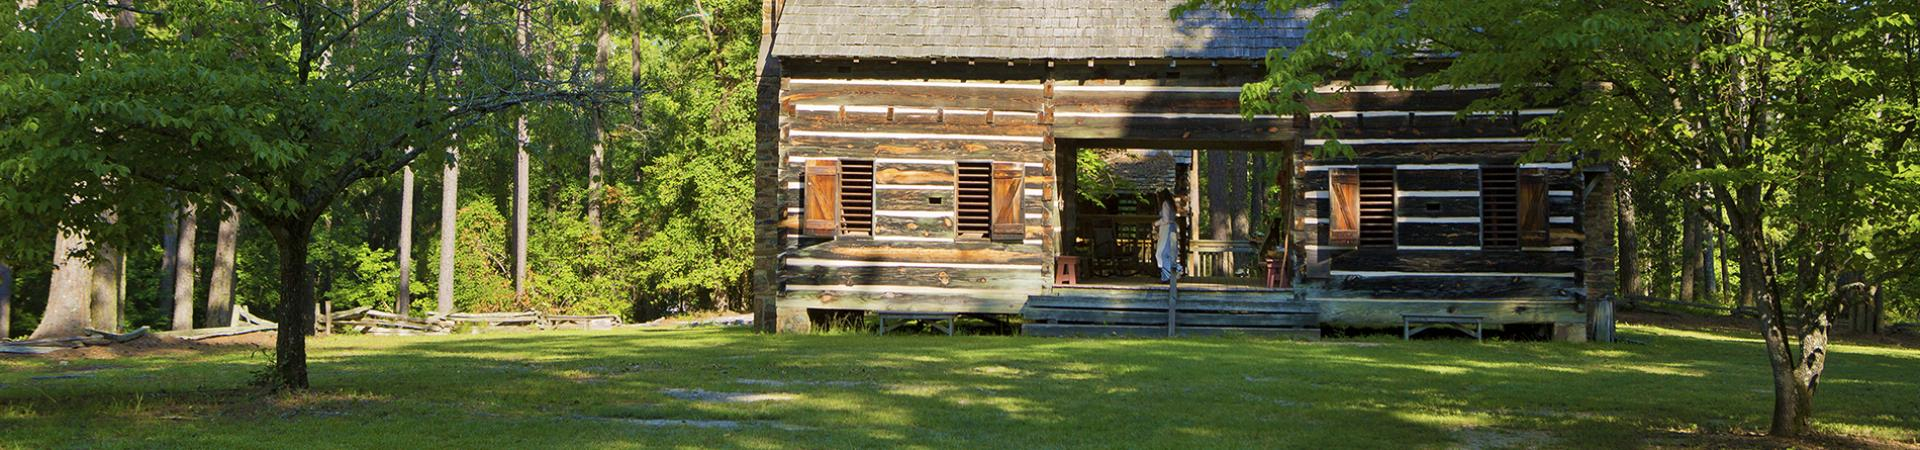 Beau Georgia State Parks